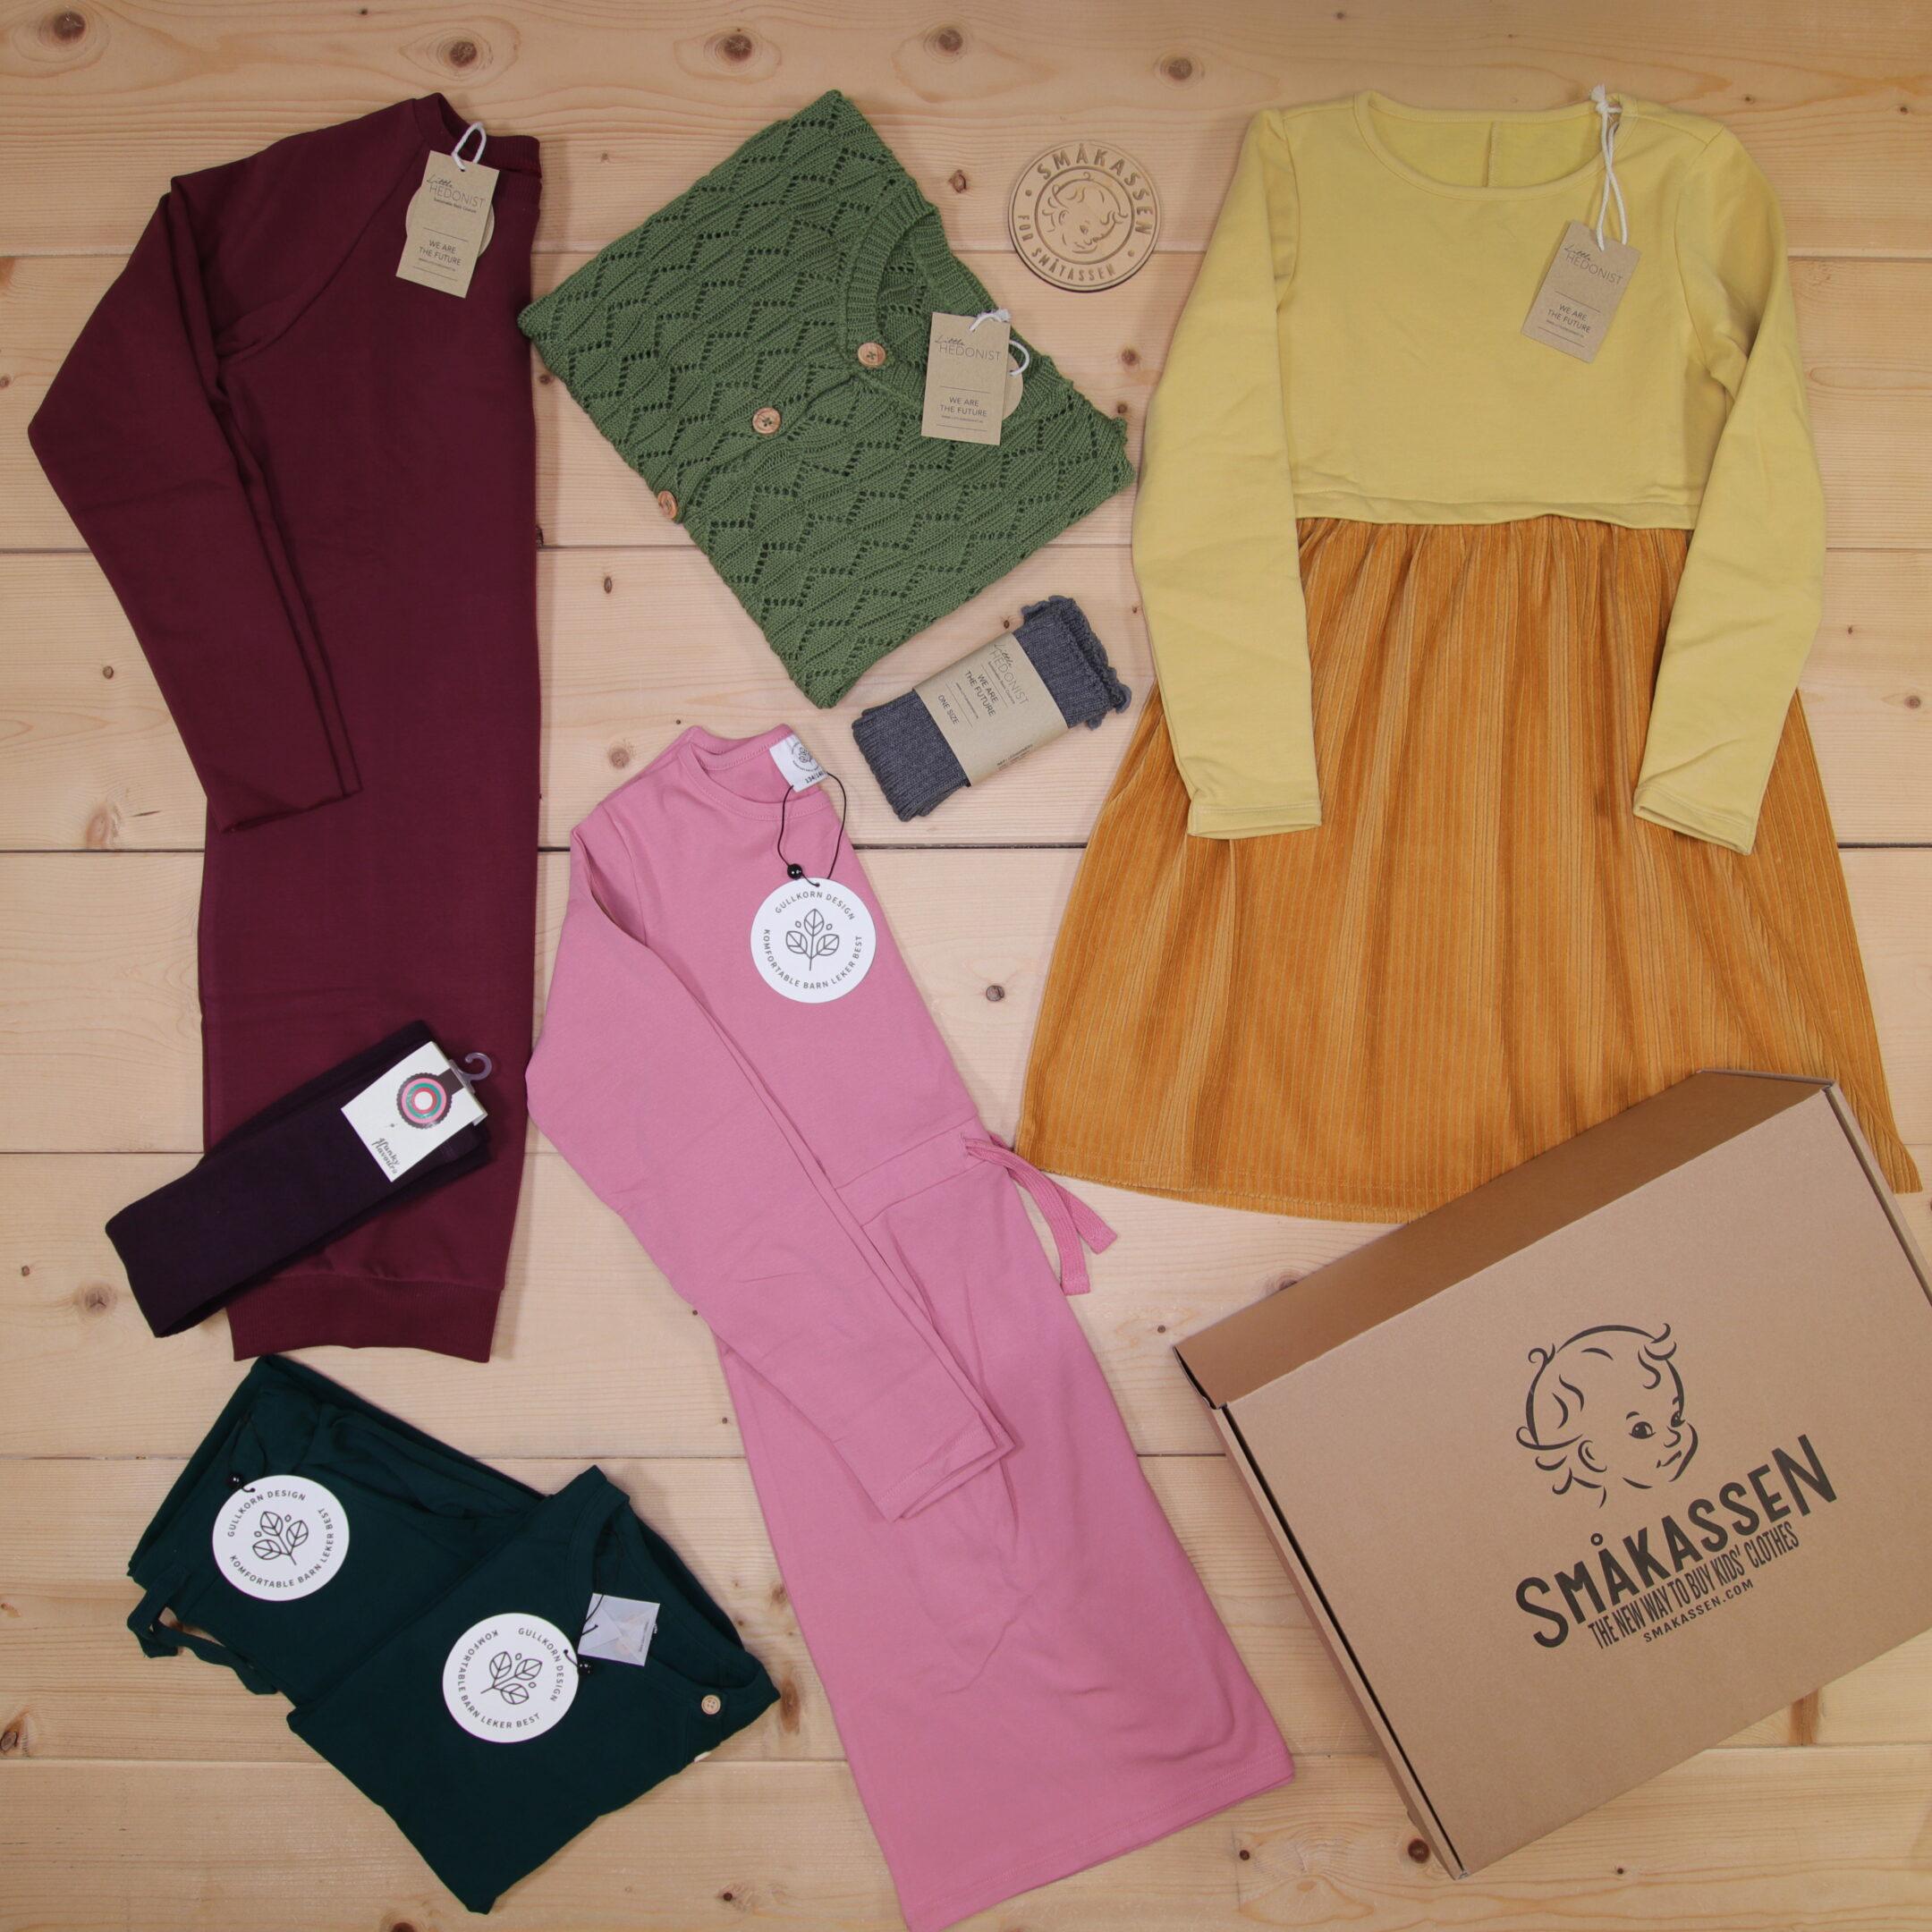 Dette er en 3000 NOK* The Childish Stylist som vi forberedte for en jente i stilene cool og colorful i størrelse 134